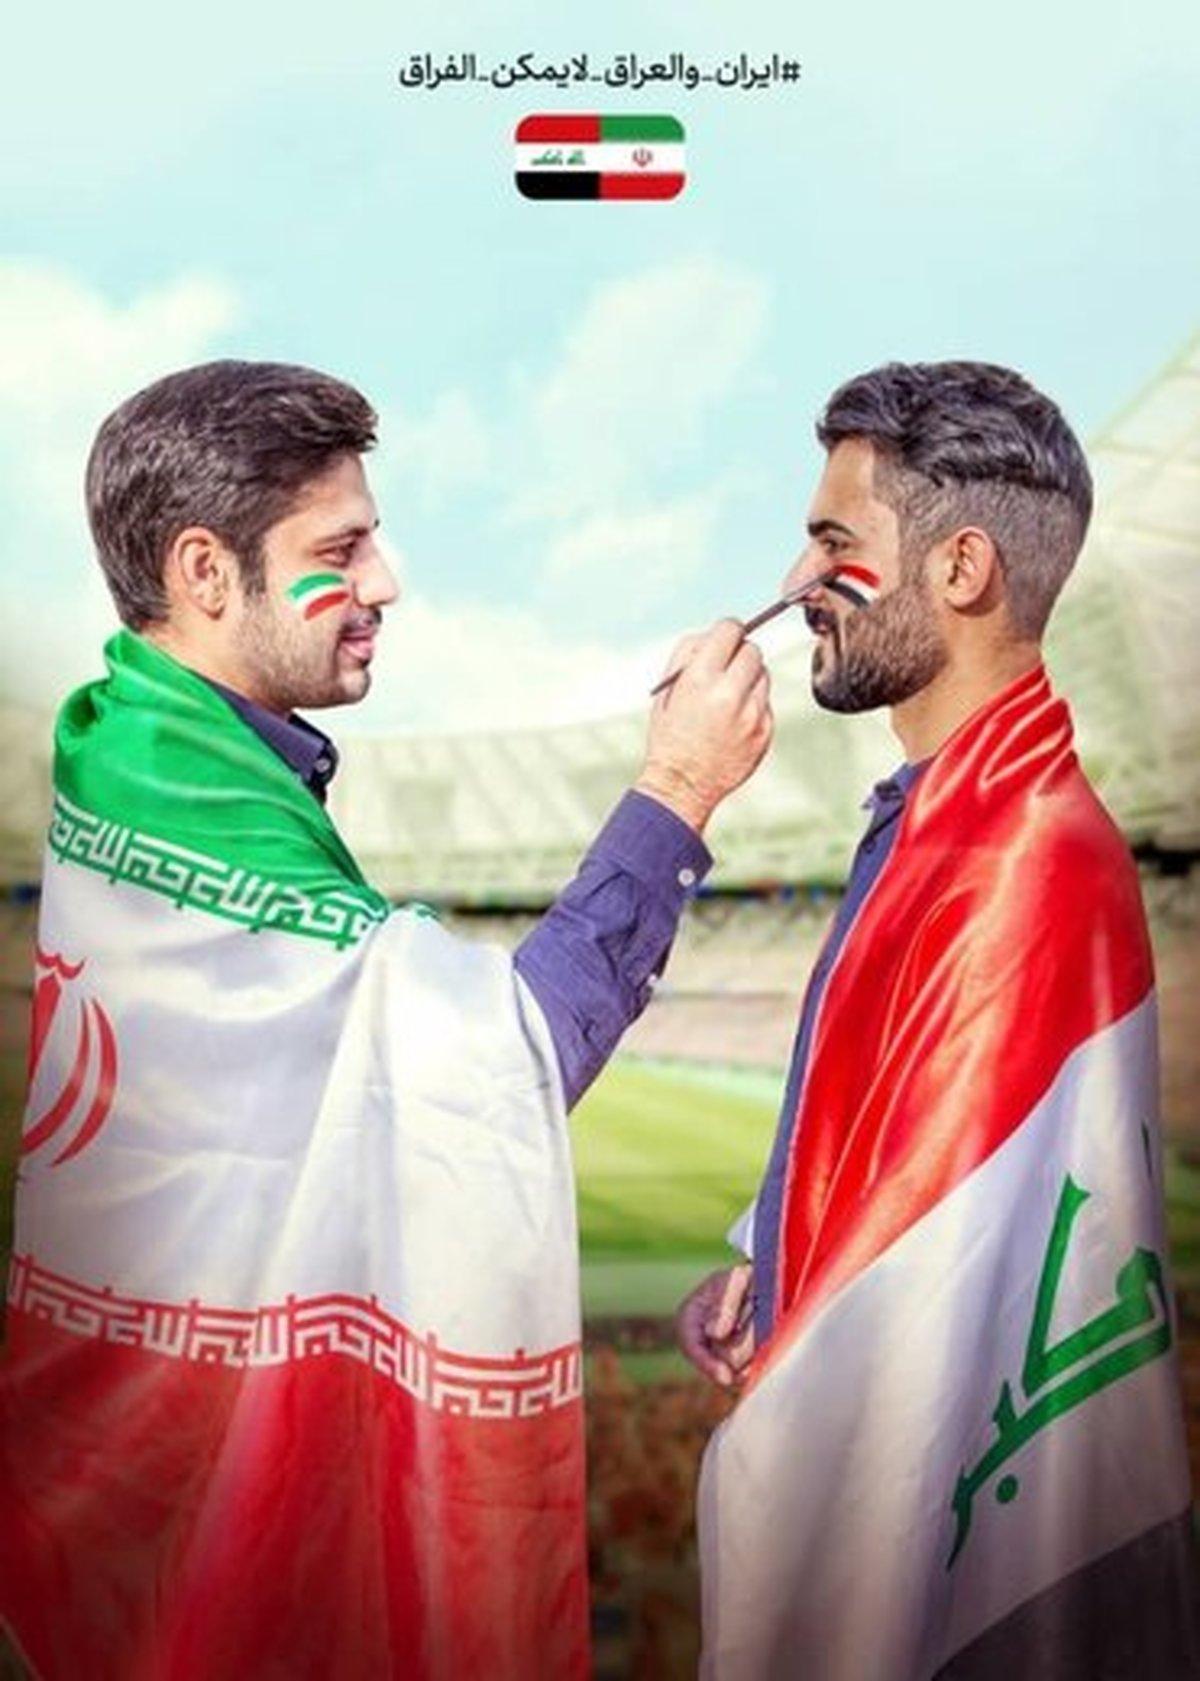 تصویر   دو پوستر متفاوت از بازی حساس و پر از کری ایران و عراق!دو ملت ایران و عراق تاکیدی ویژه دارد